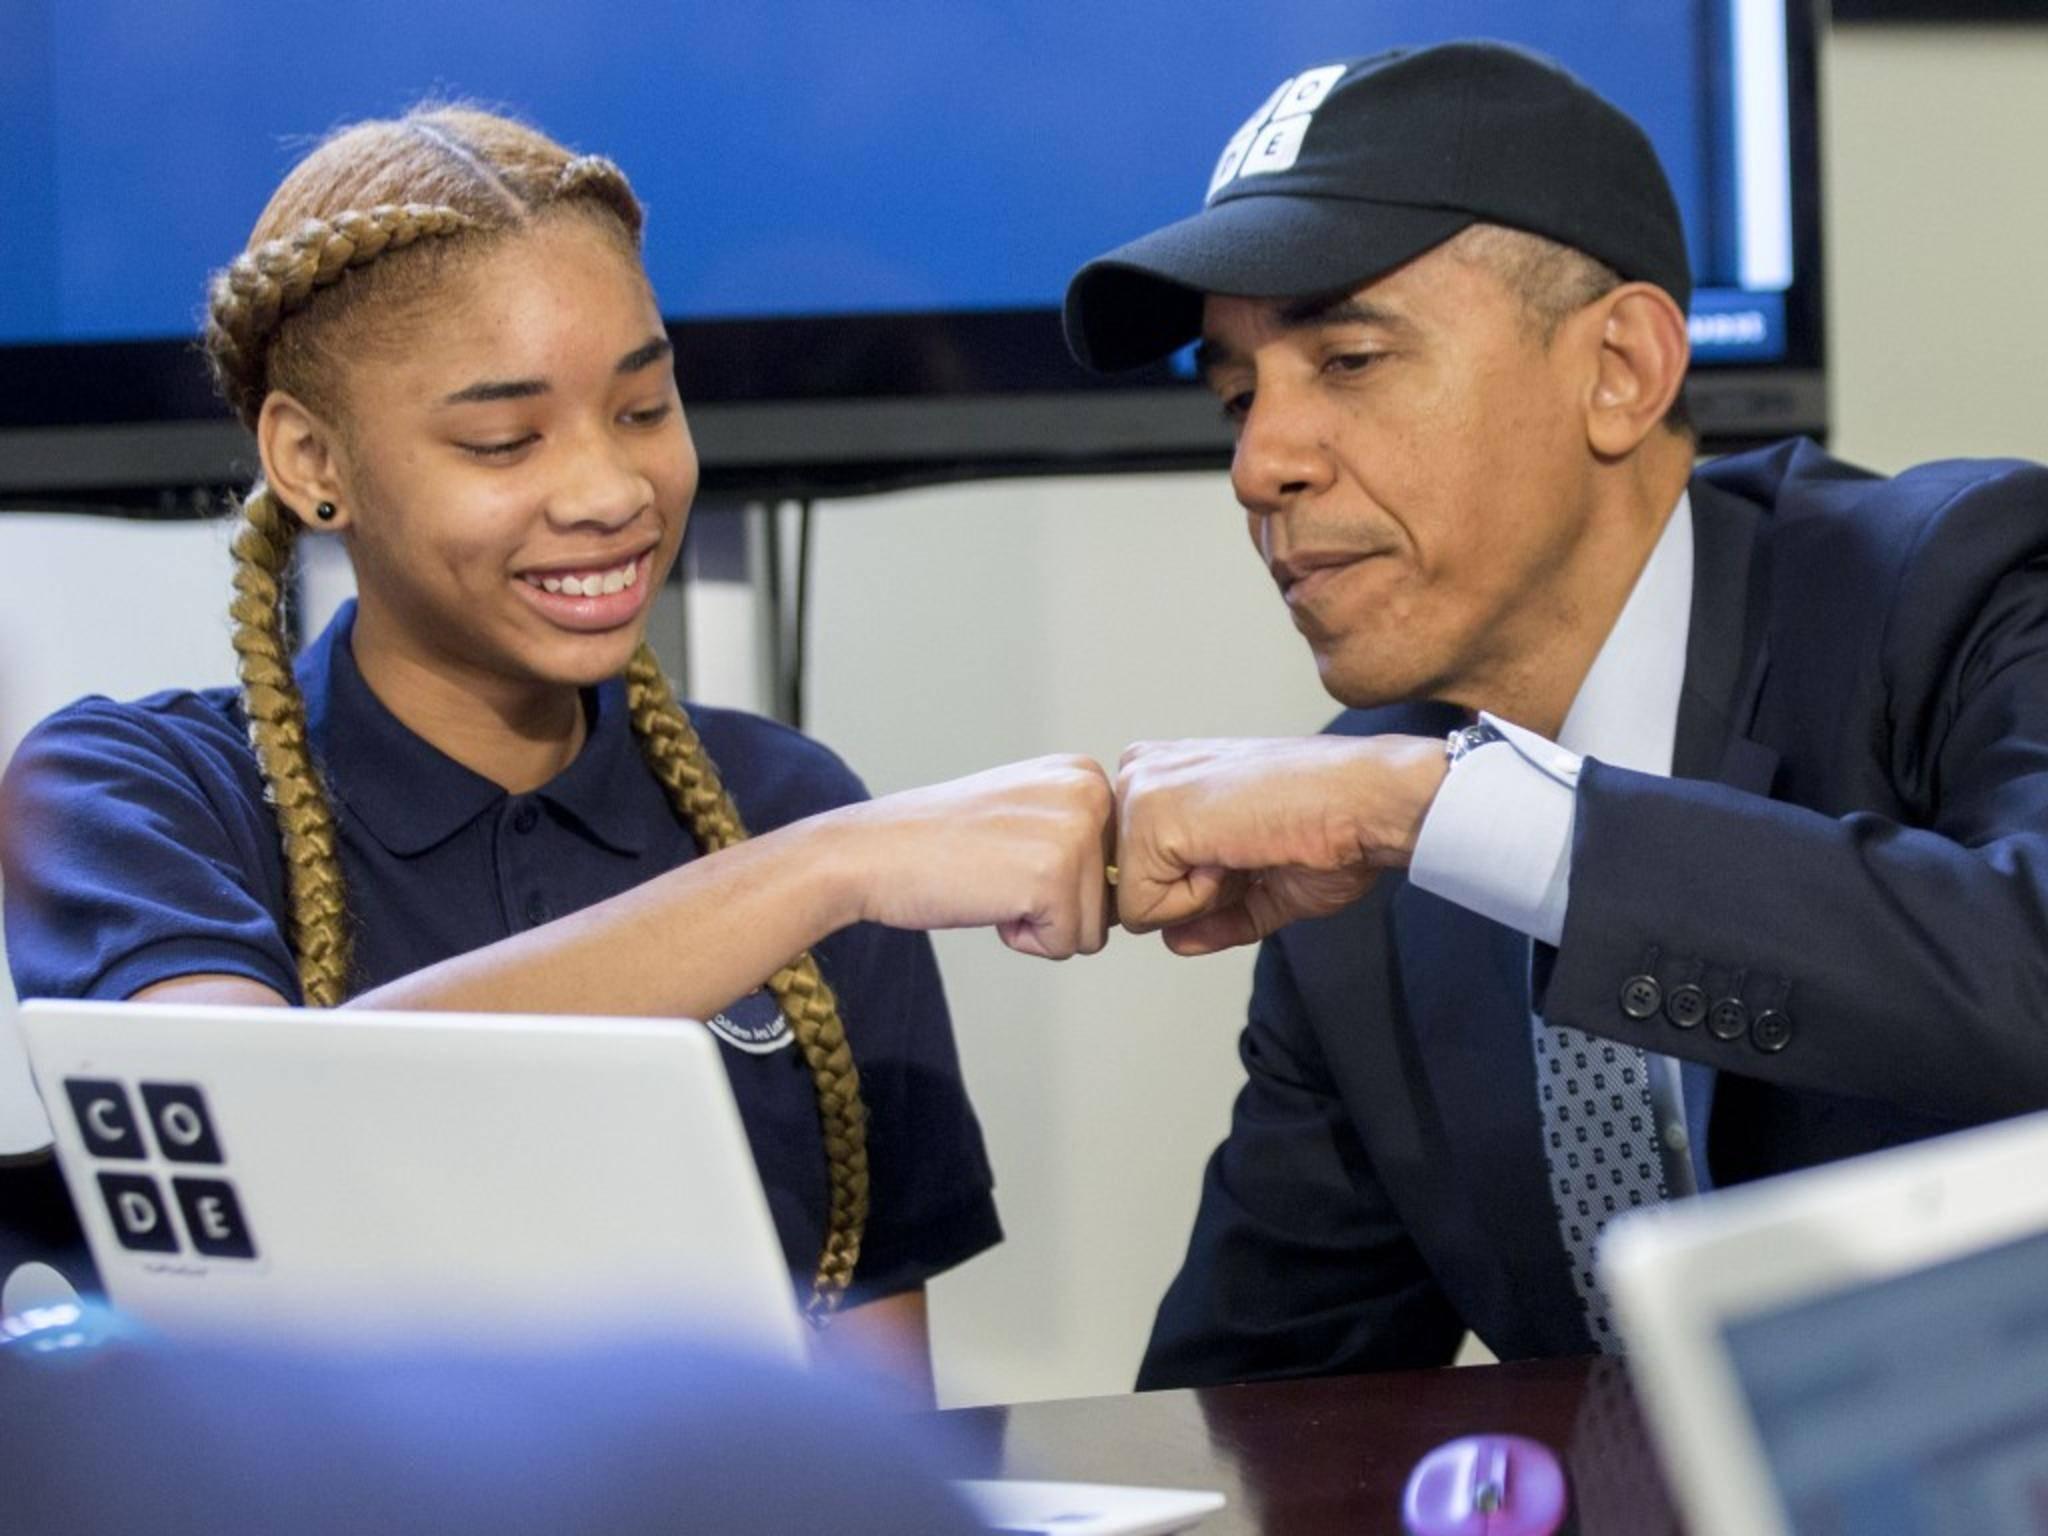 Schülerin Adrianna Mitchell aus New Jersey erklärte Präsident Obama eine Programmier-Lernsoftware.